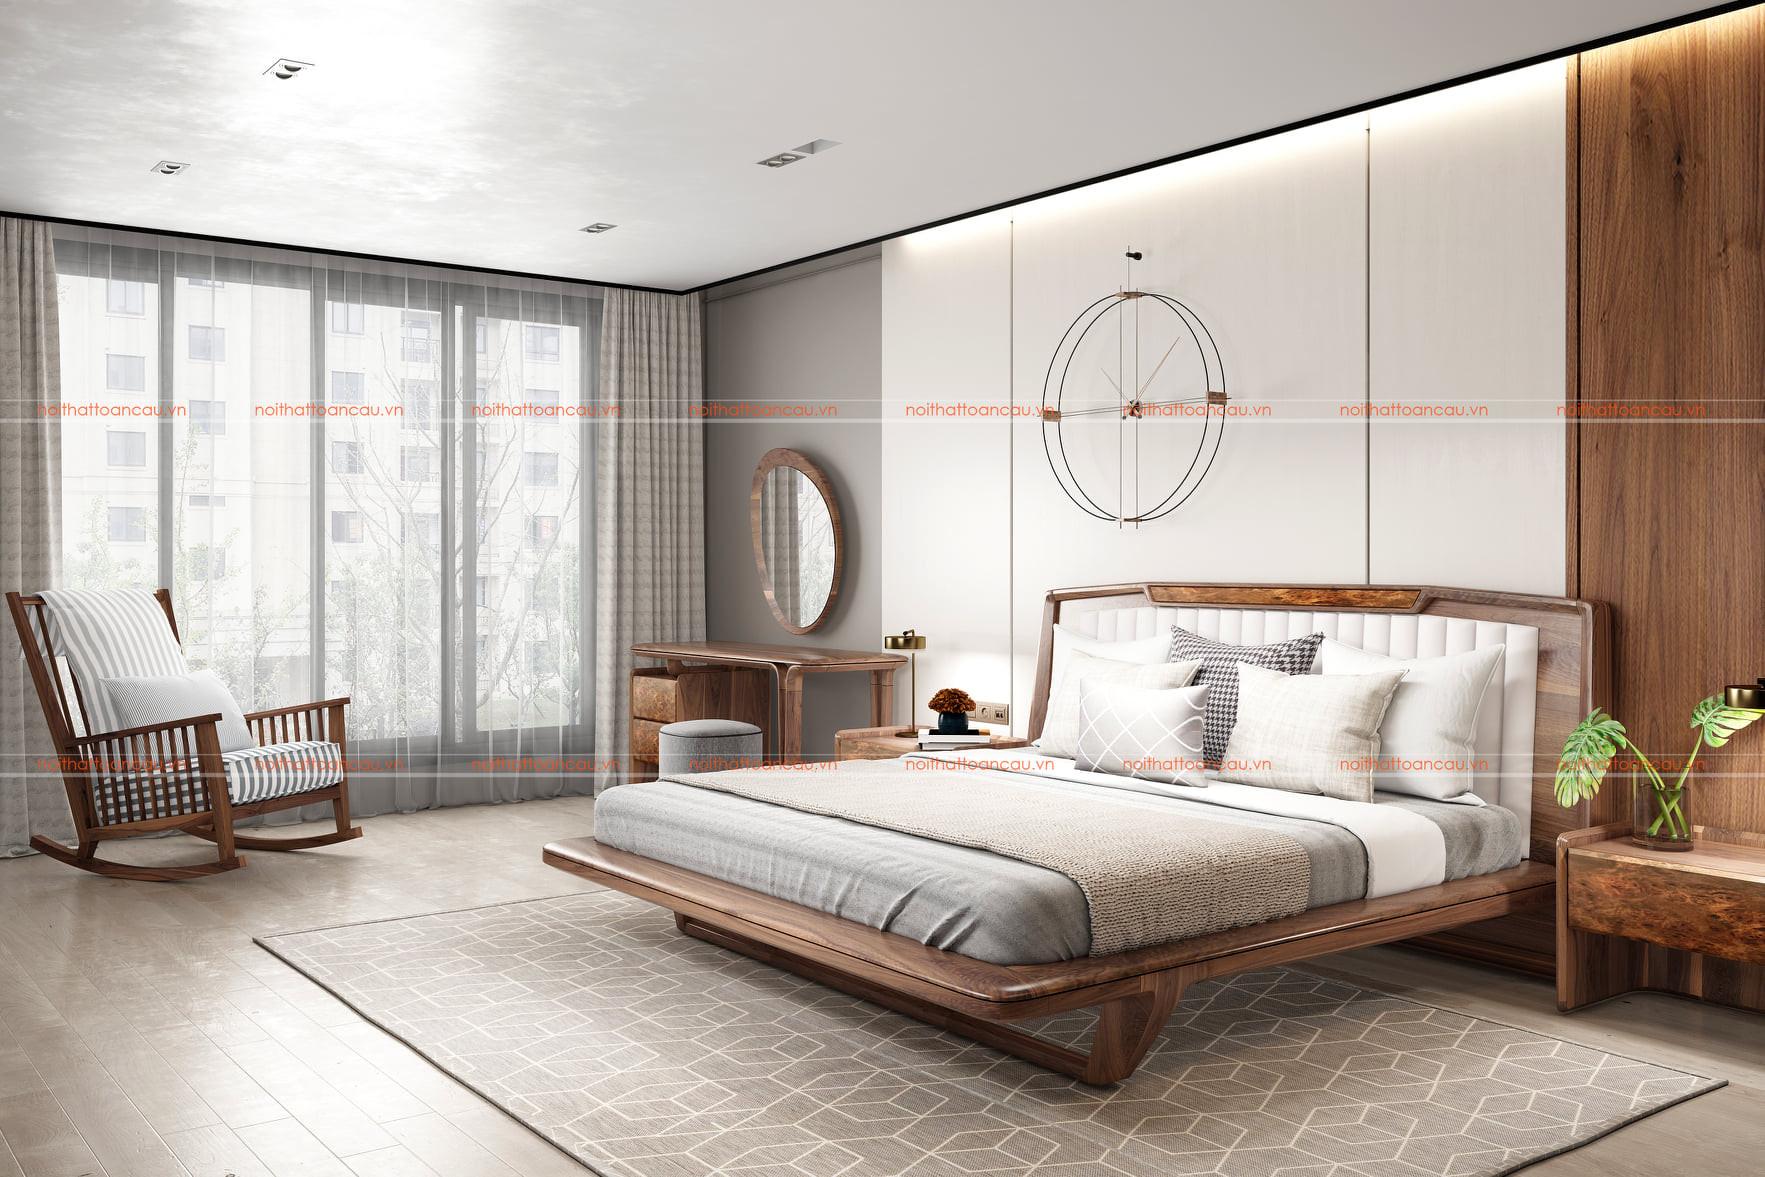 Thiết kế nội thất phòng ngủ bằng gỗ óc chó tự nhiên 2